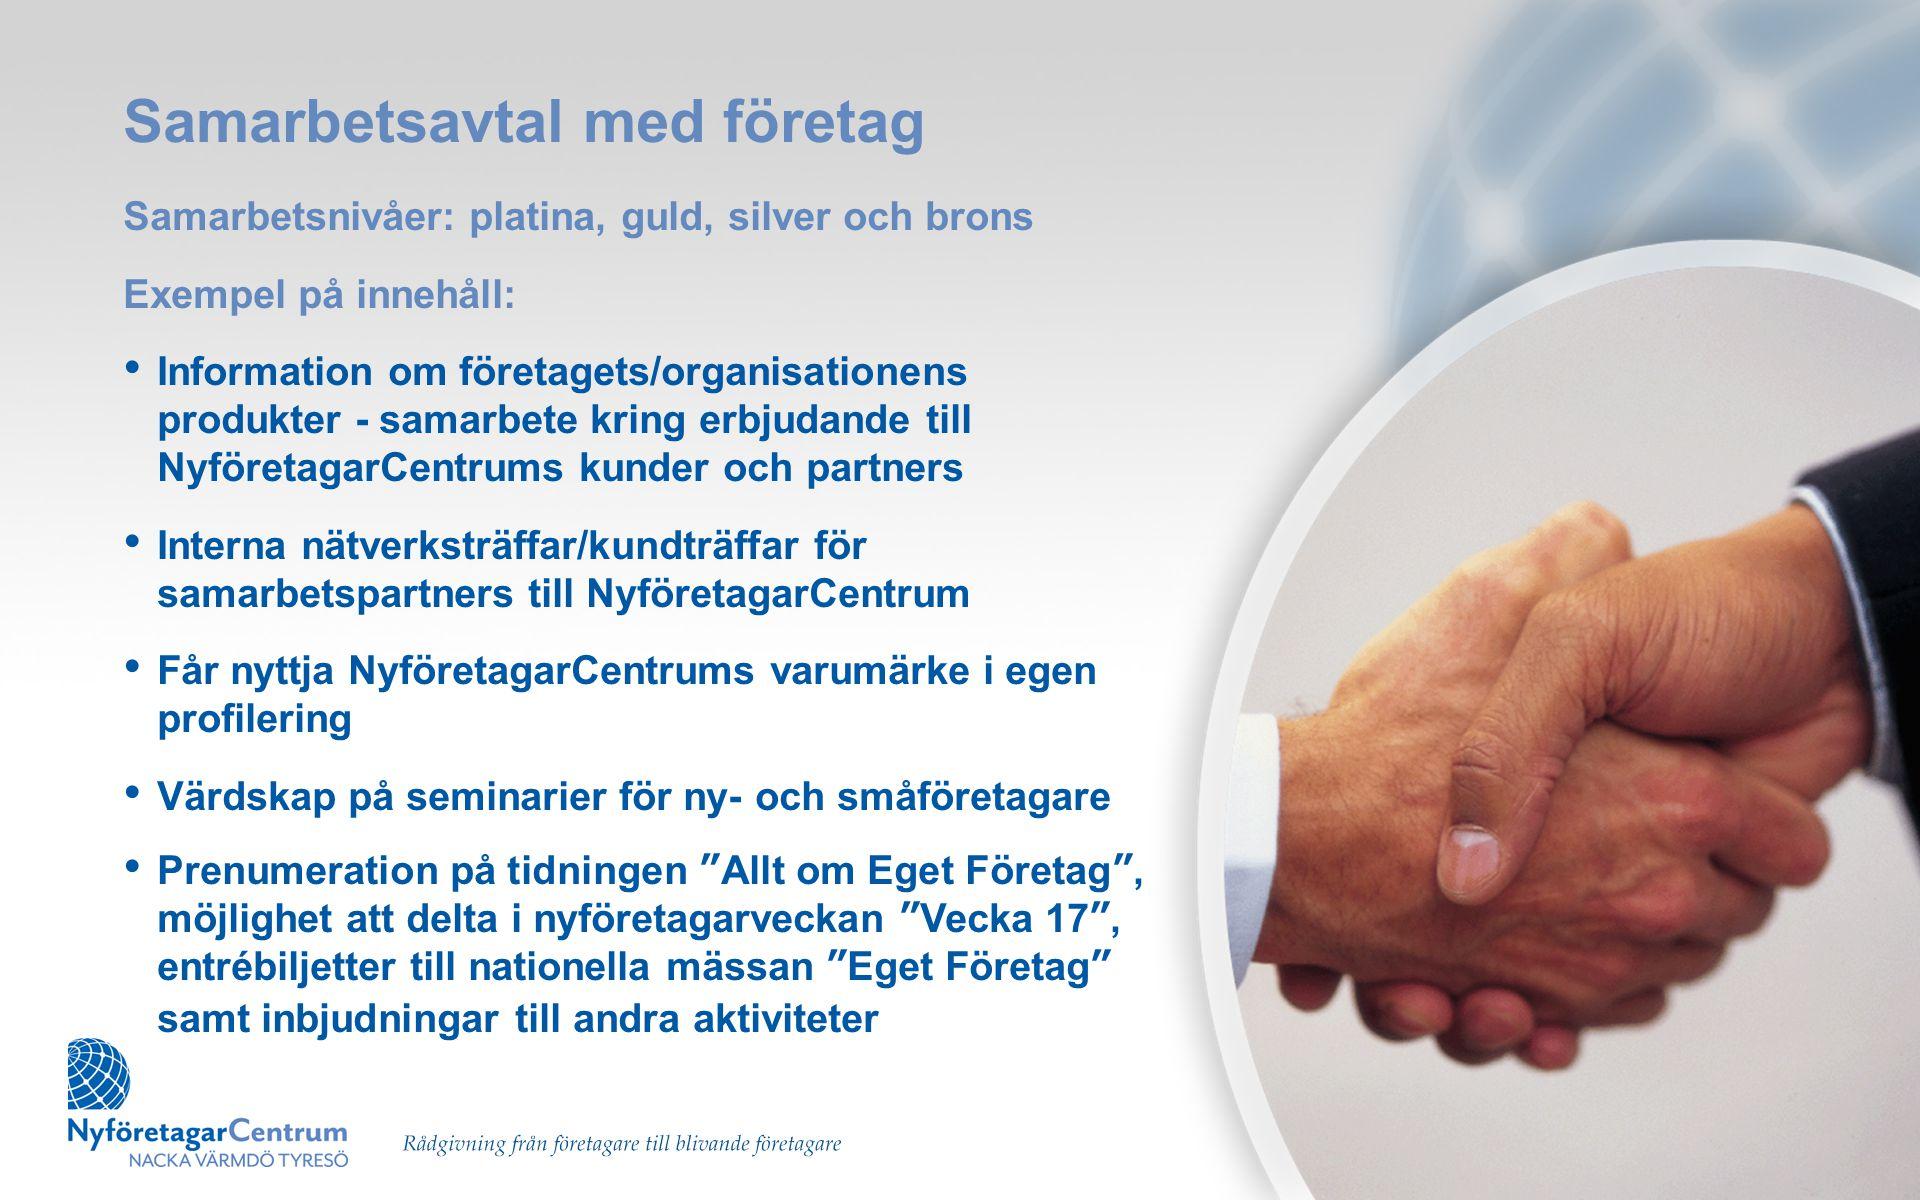 Samarbetsavtal med företag Samarbetsnivåer: platina, guld, silver och brons Exempel på innehåll: • Information om företagets/organisationens produkter